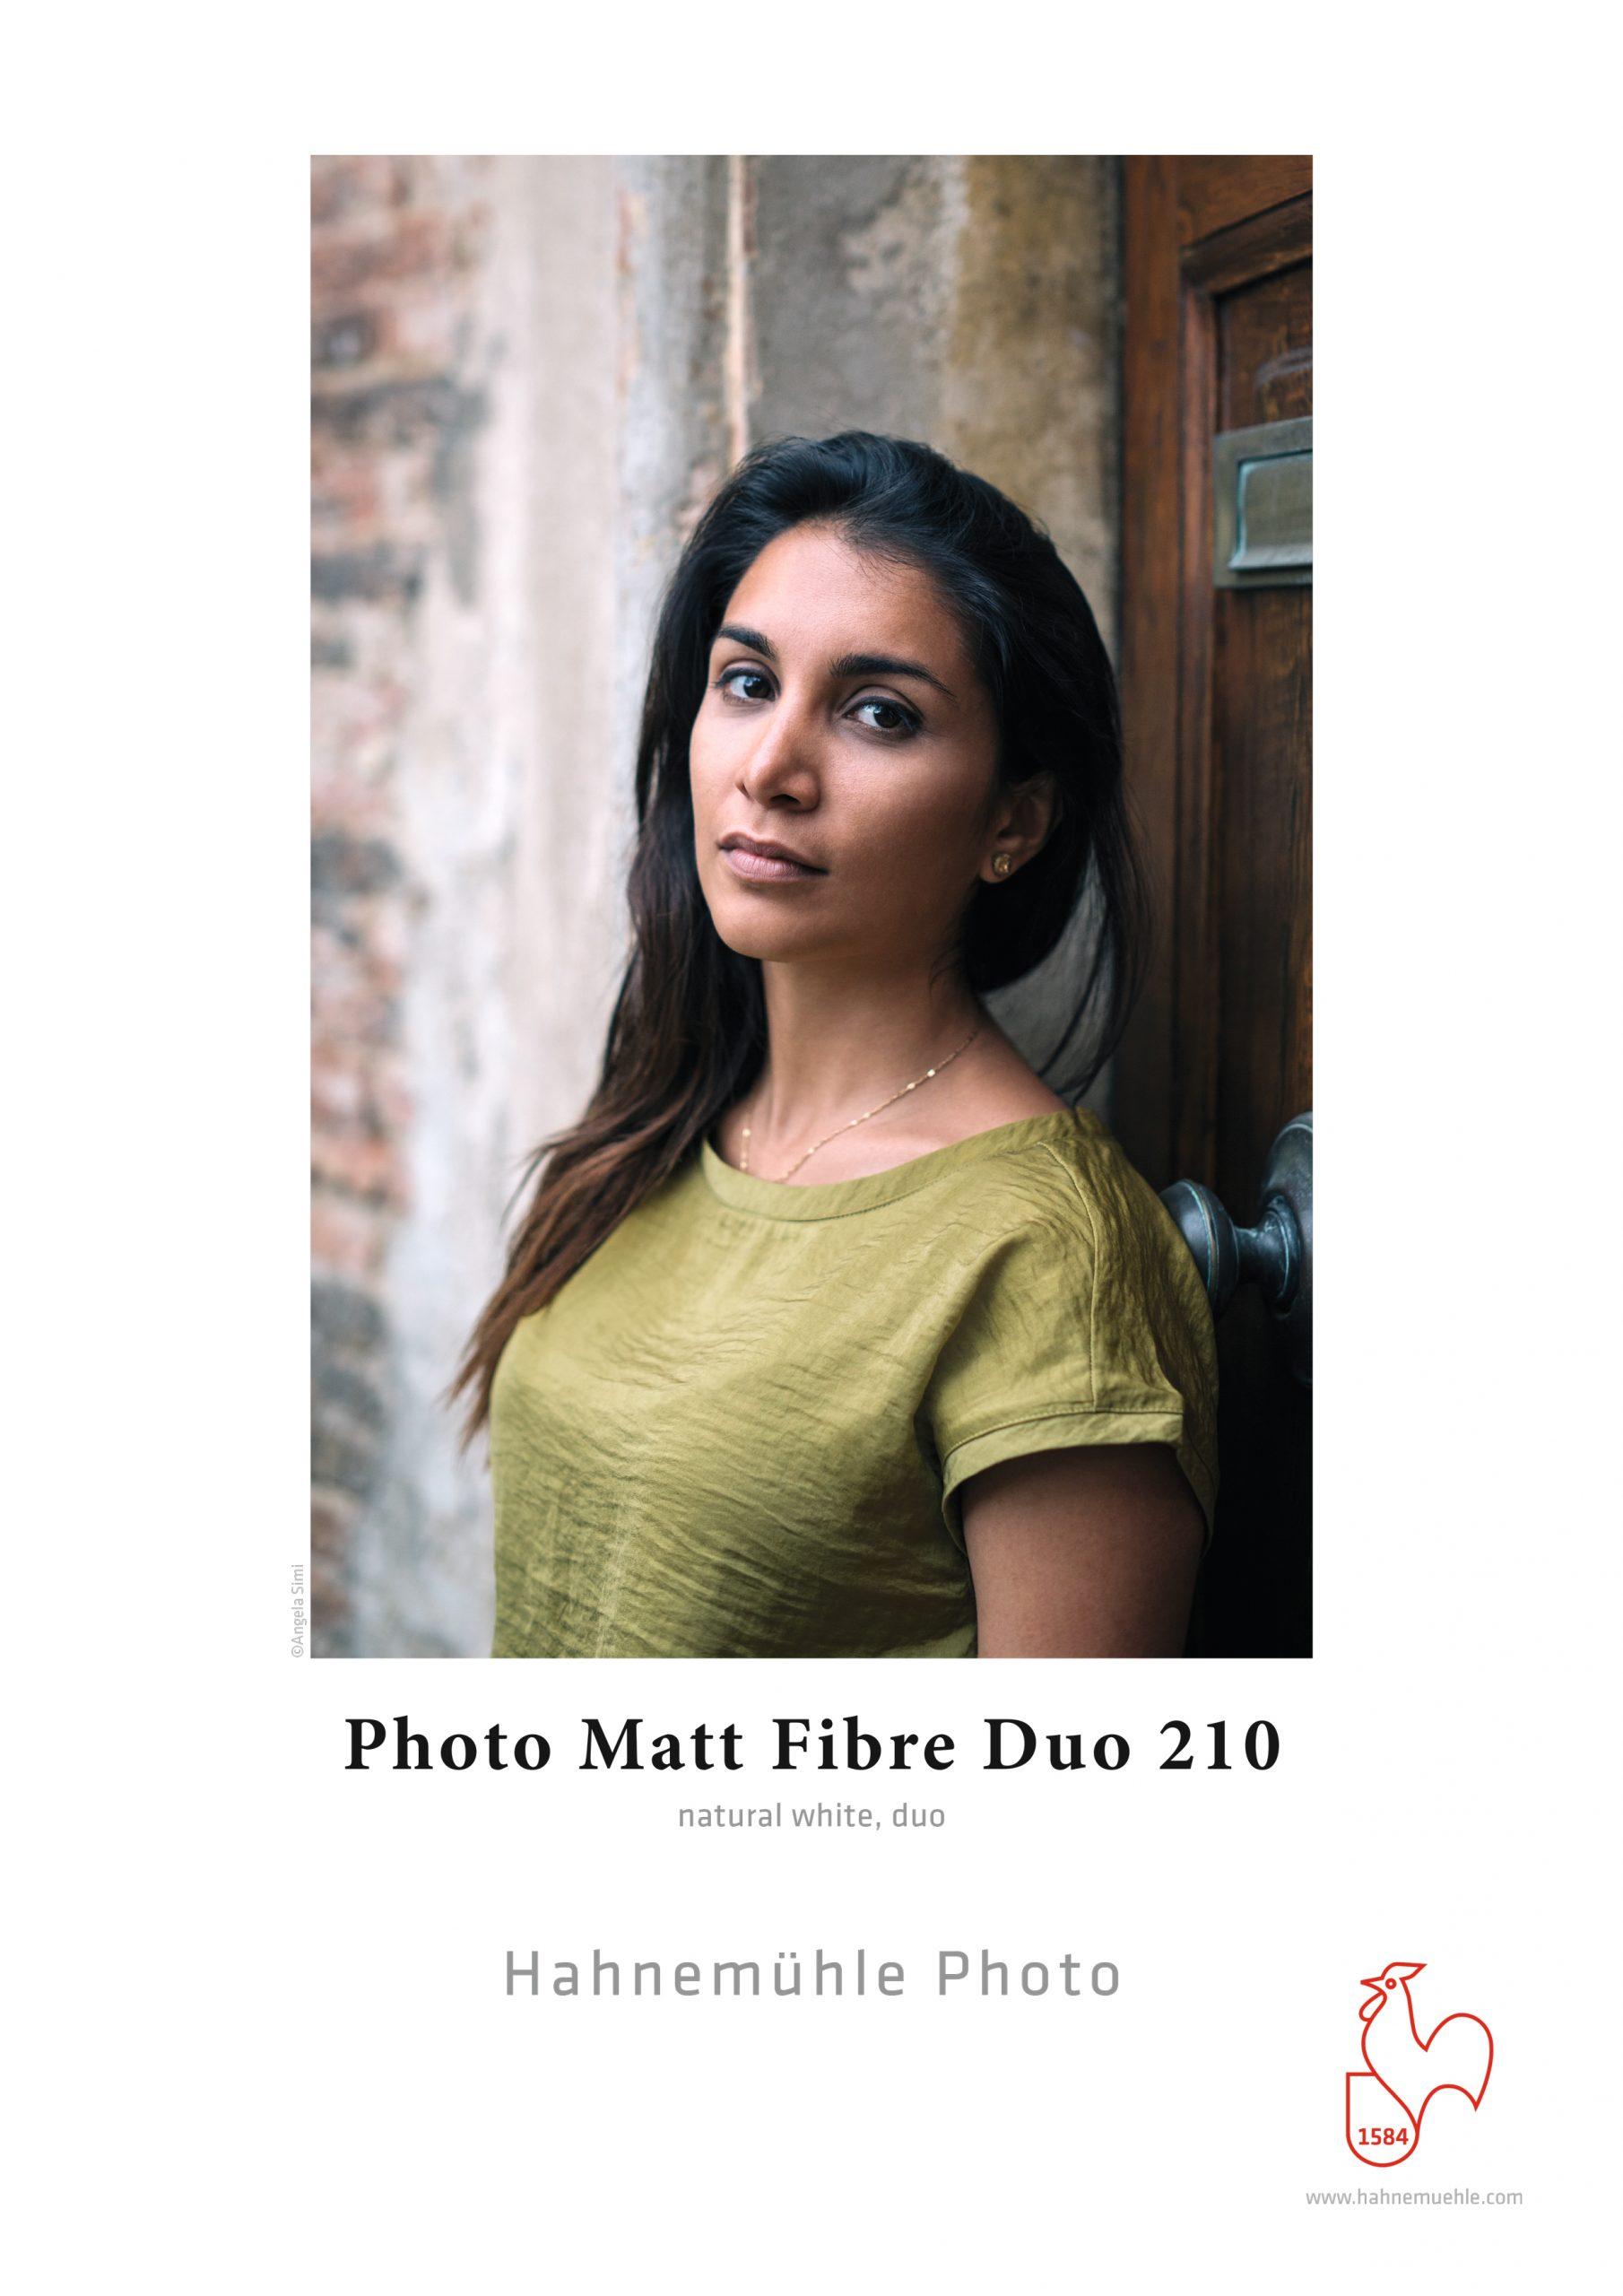 A2-Photo-Matt-Fibre-Duo-2